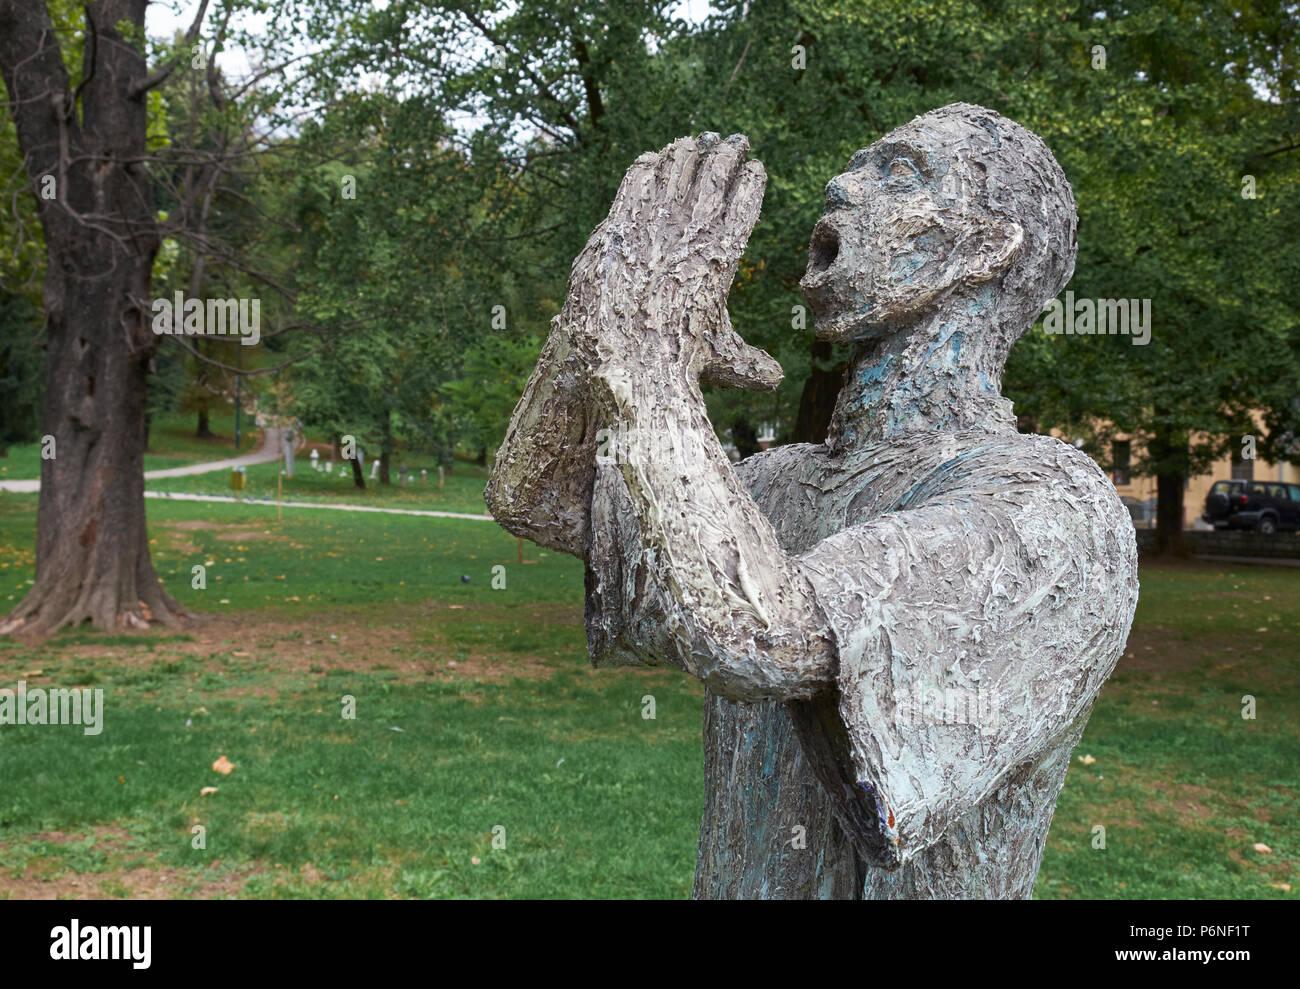 """Die Skulptur """"Nermine, do?i"""" von Bildhauer Mensud Ke?o, Veliki (große) Park, Sarajevo, Bosnien und Herzegowina. Stockbild"""